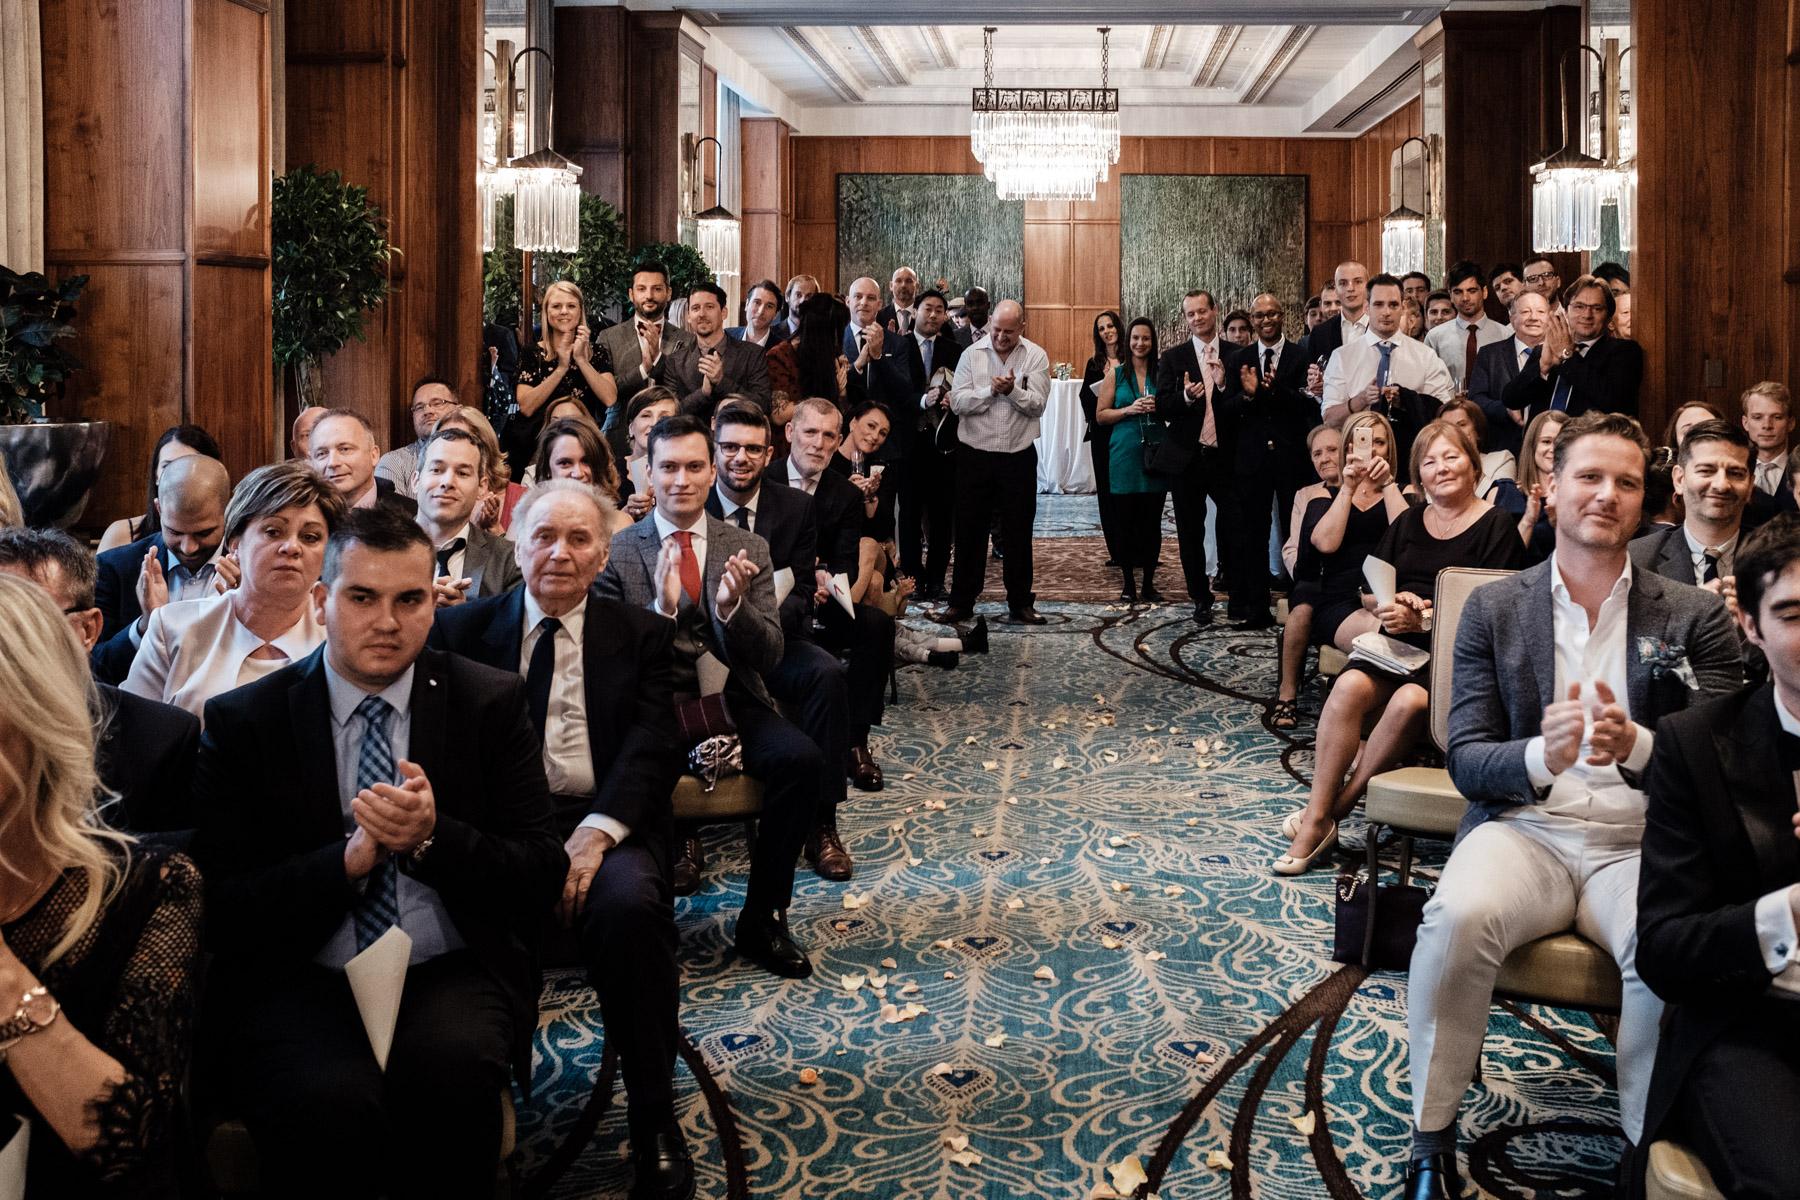 MartinLiebl_Kein_Hochzeitsfotograf_No_Wedding_Photographer_Budapest_Gresham_Palace_043.jpg